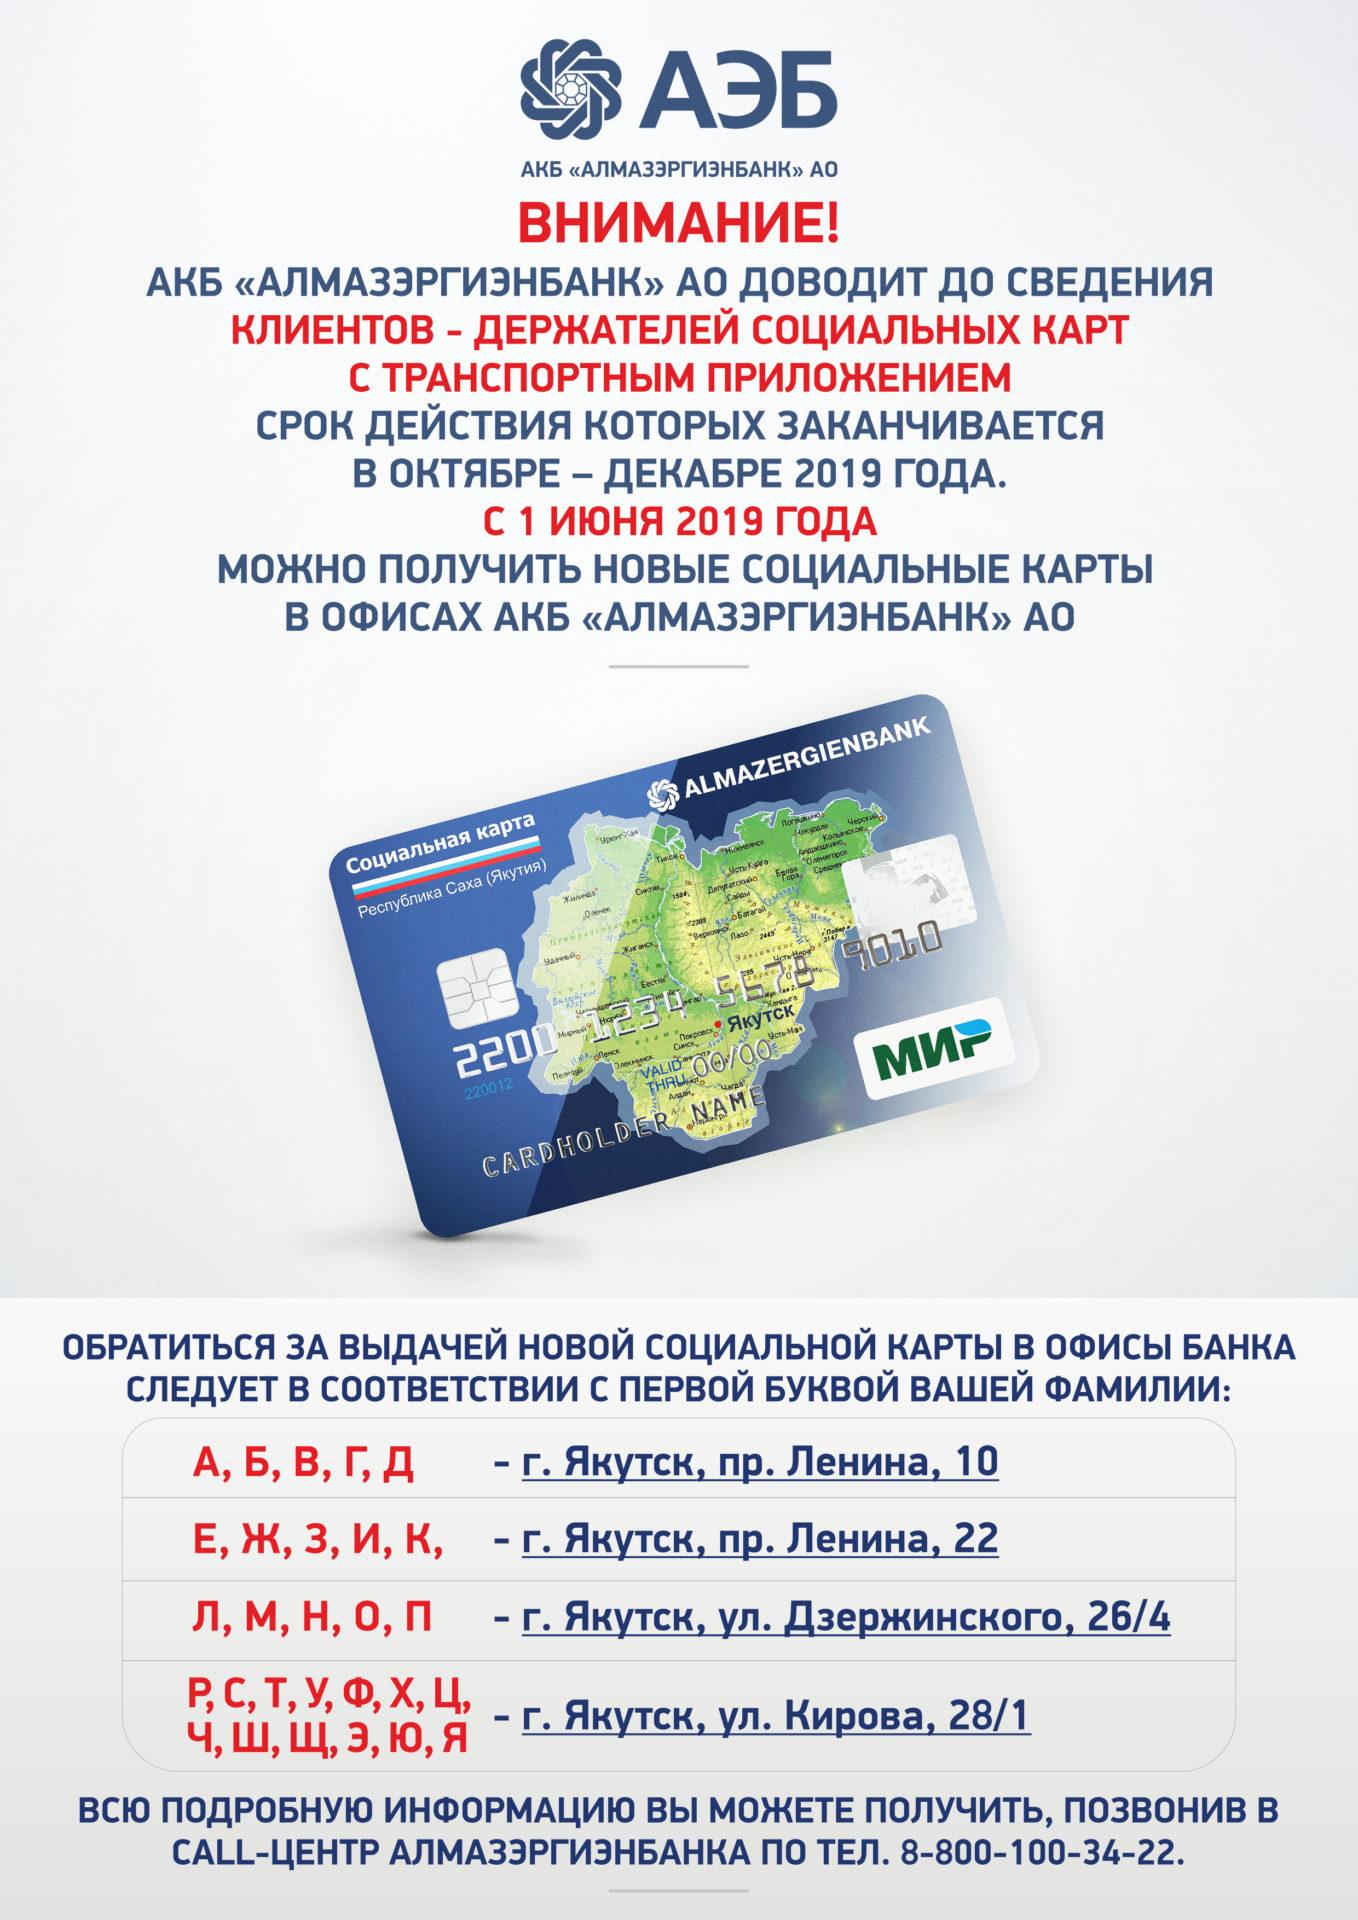 АКБ «Алмазэргиэнбанк» извещает держателей социальных карт, срок действия которых заканчивается в октябре-декабре 2019 года